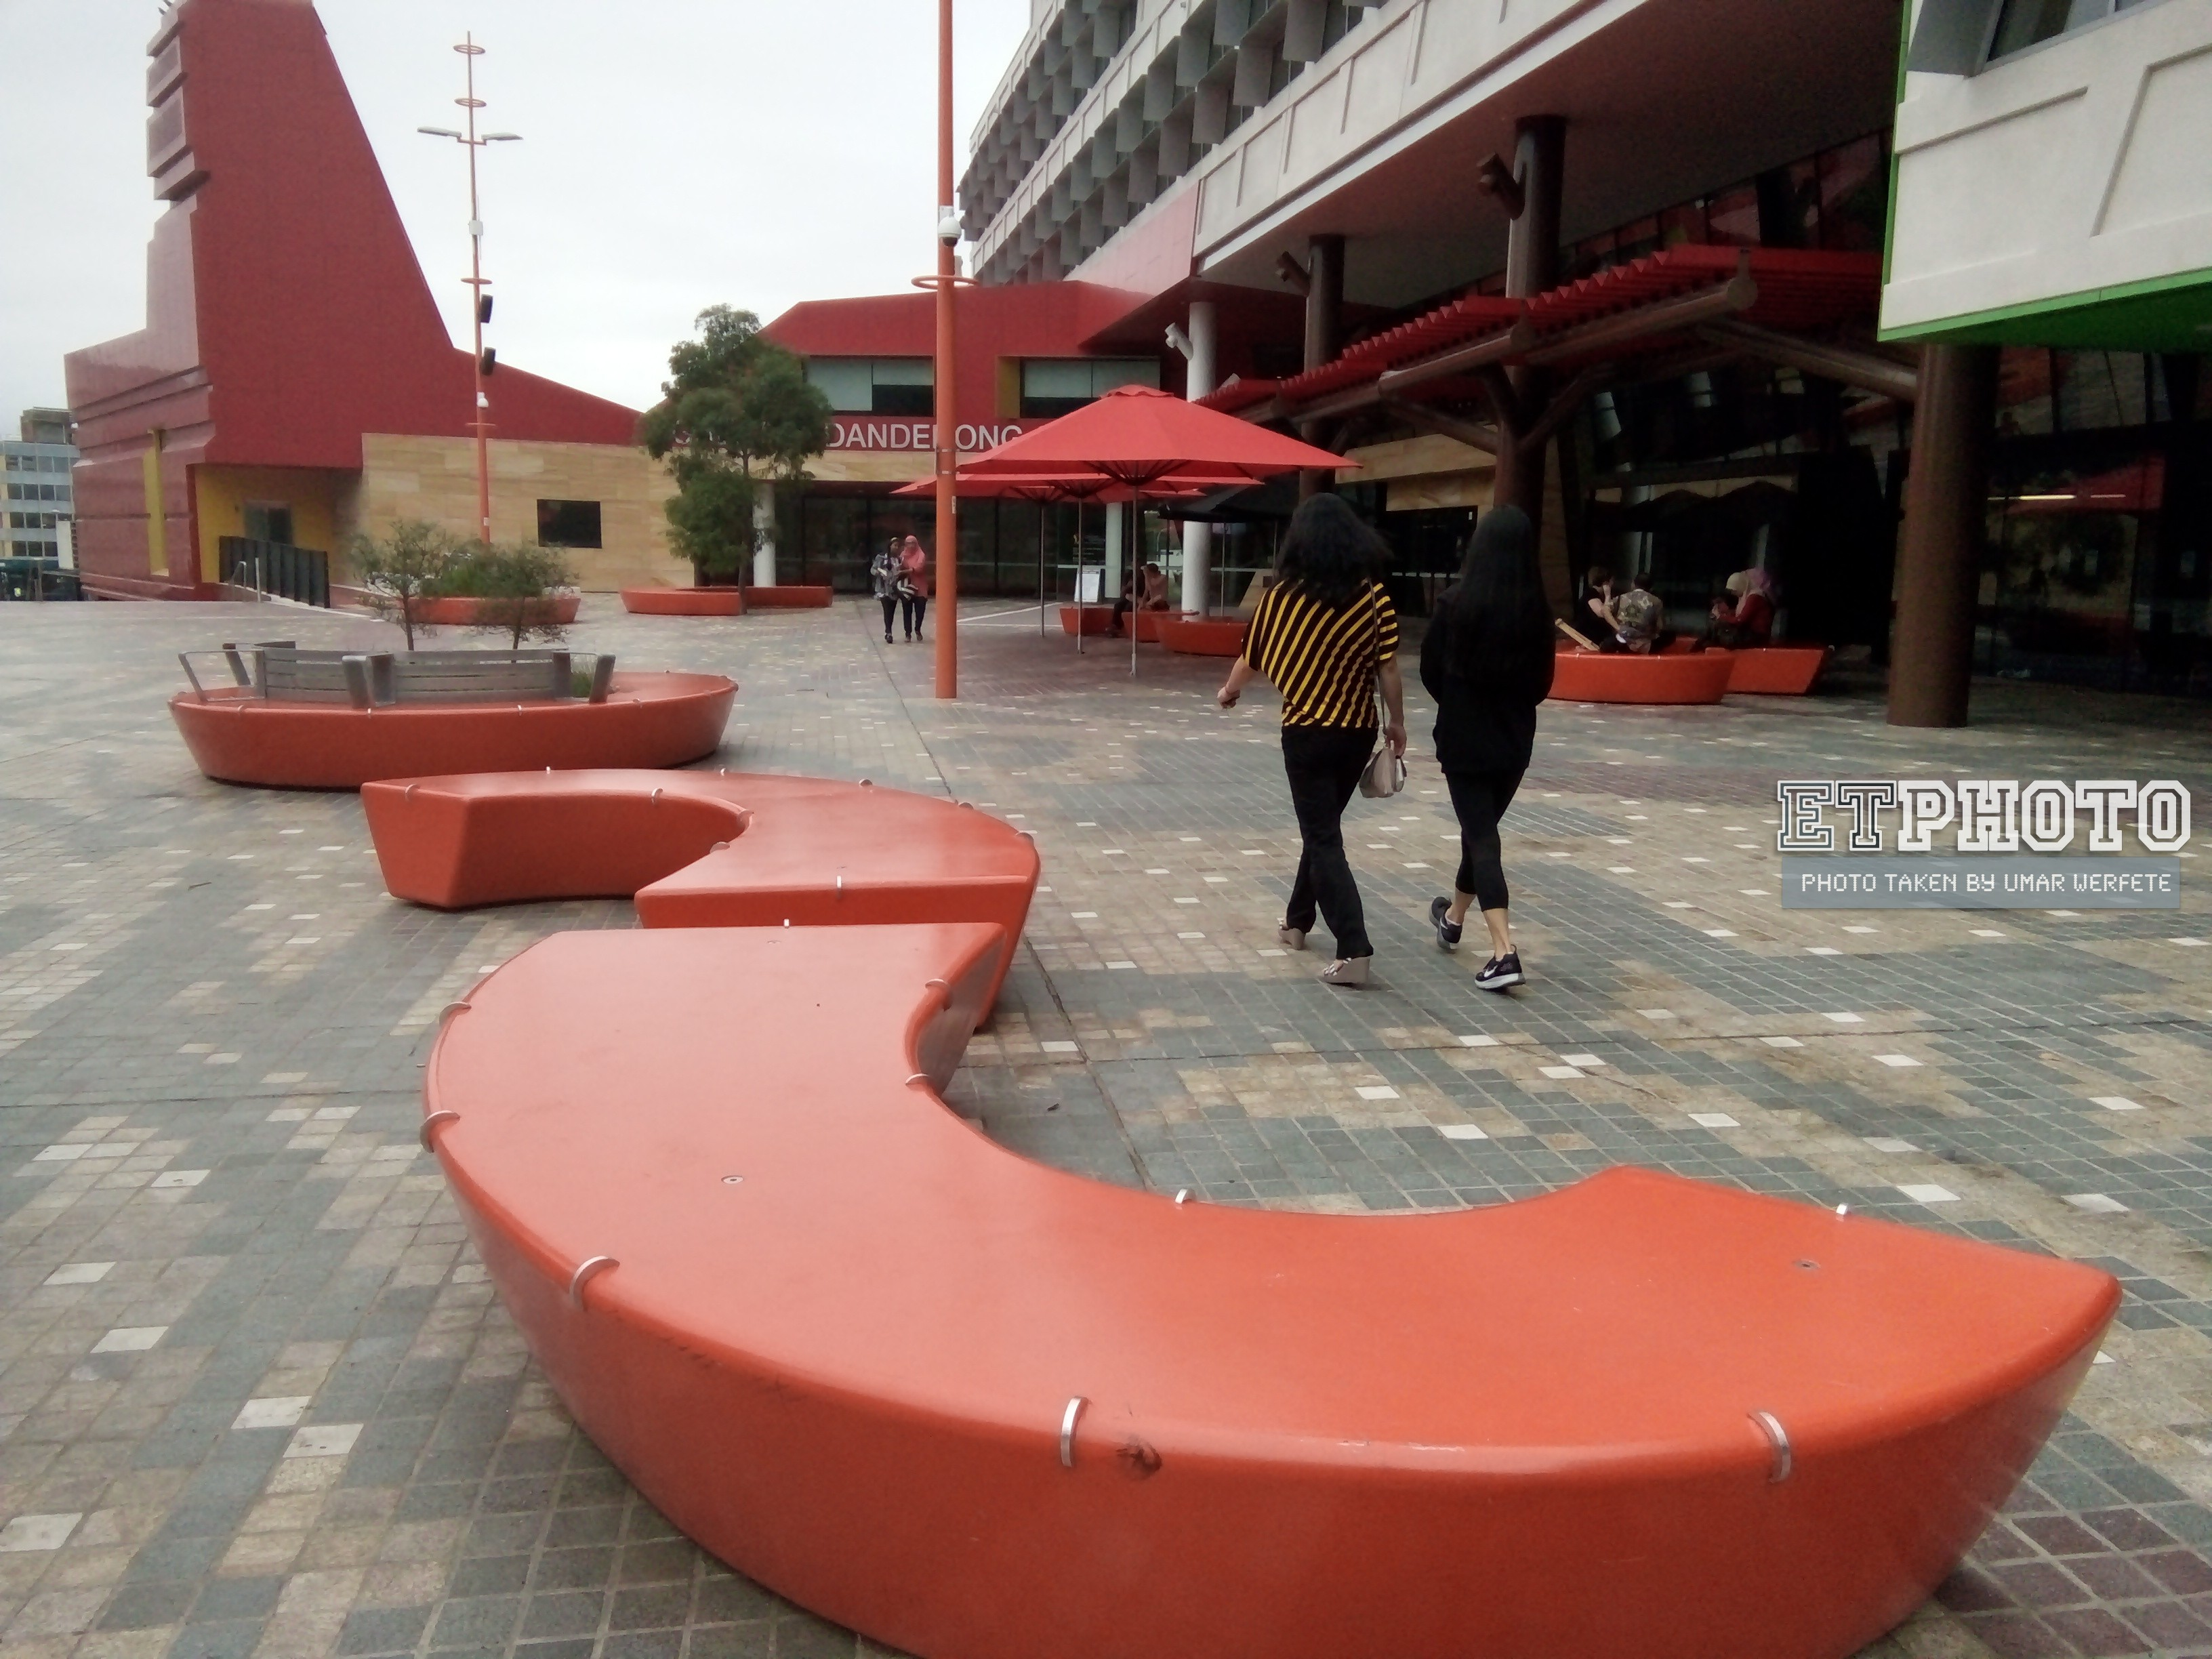 Dandenong Market Melbourne : Ruang Sosial Bagi 150 Suku Bangsa